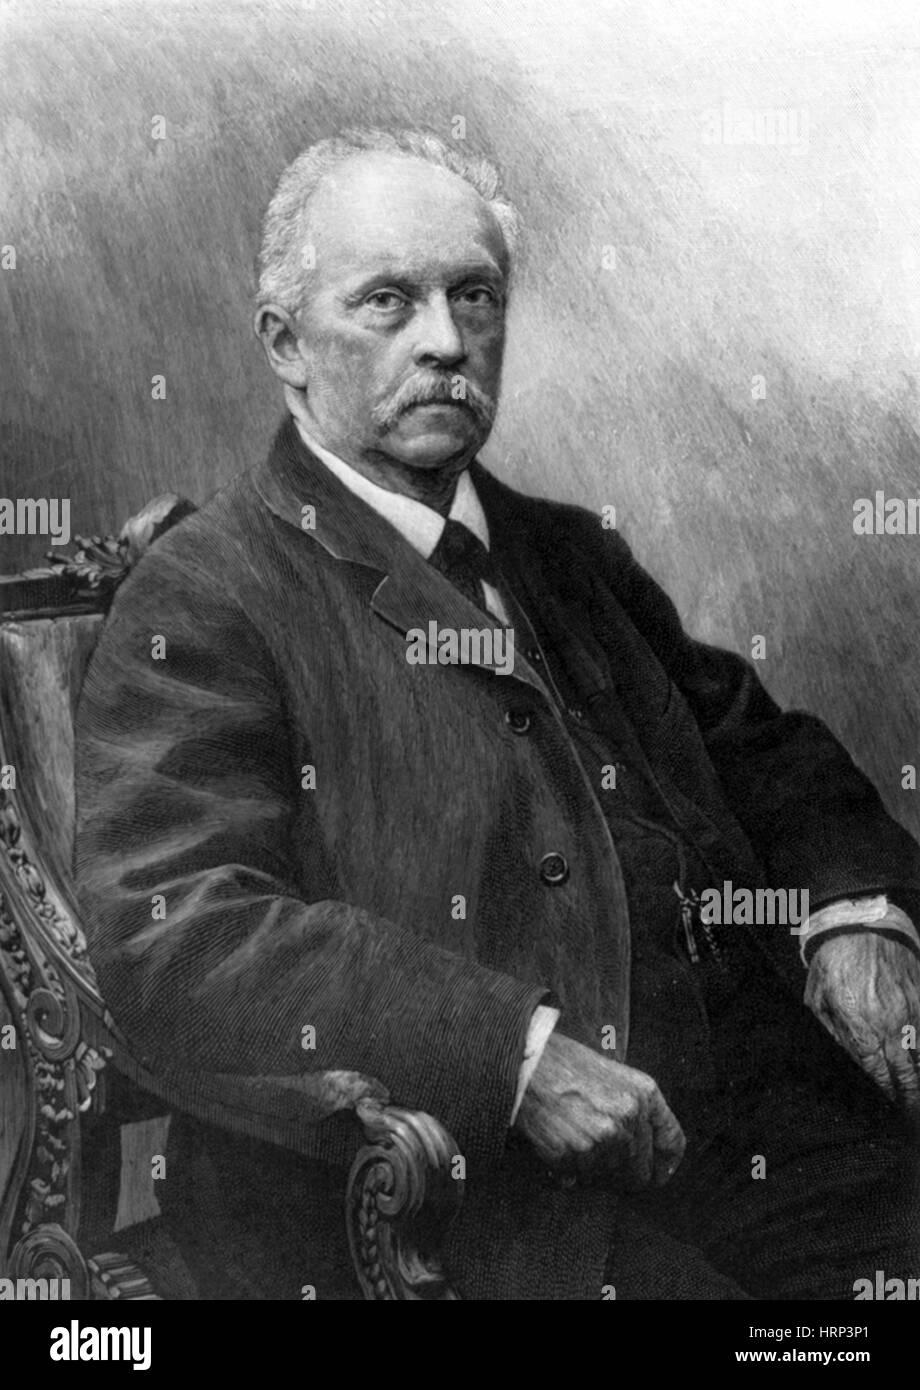 Hermann von Helmholtz, German Polymath - Stock Image